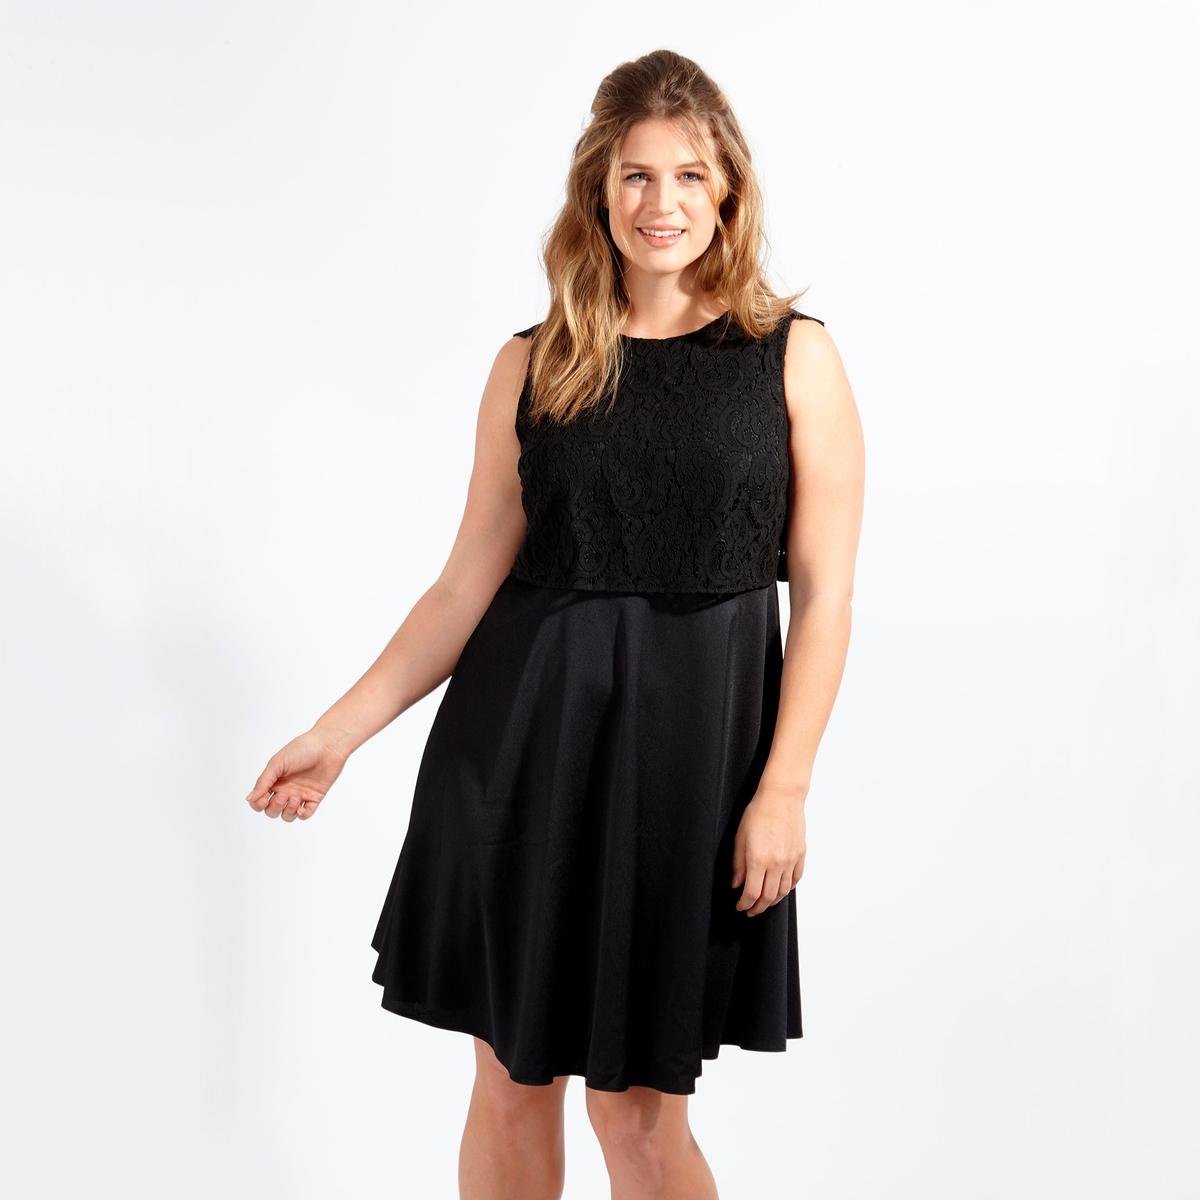 ПлатьеПлатье - KOKO BY KOKO. Красивый V-образный вырез вверху спинки . 100% полиэстер<br><br>Цвет: черный<br>Размер: 44 (FR) - 50 (RUS)